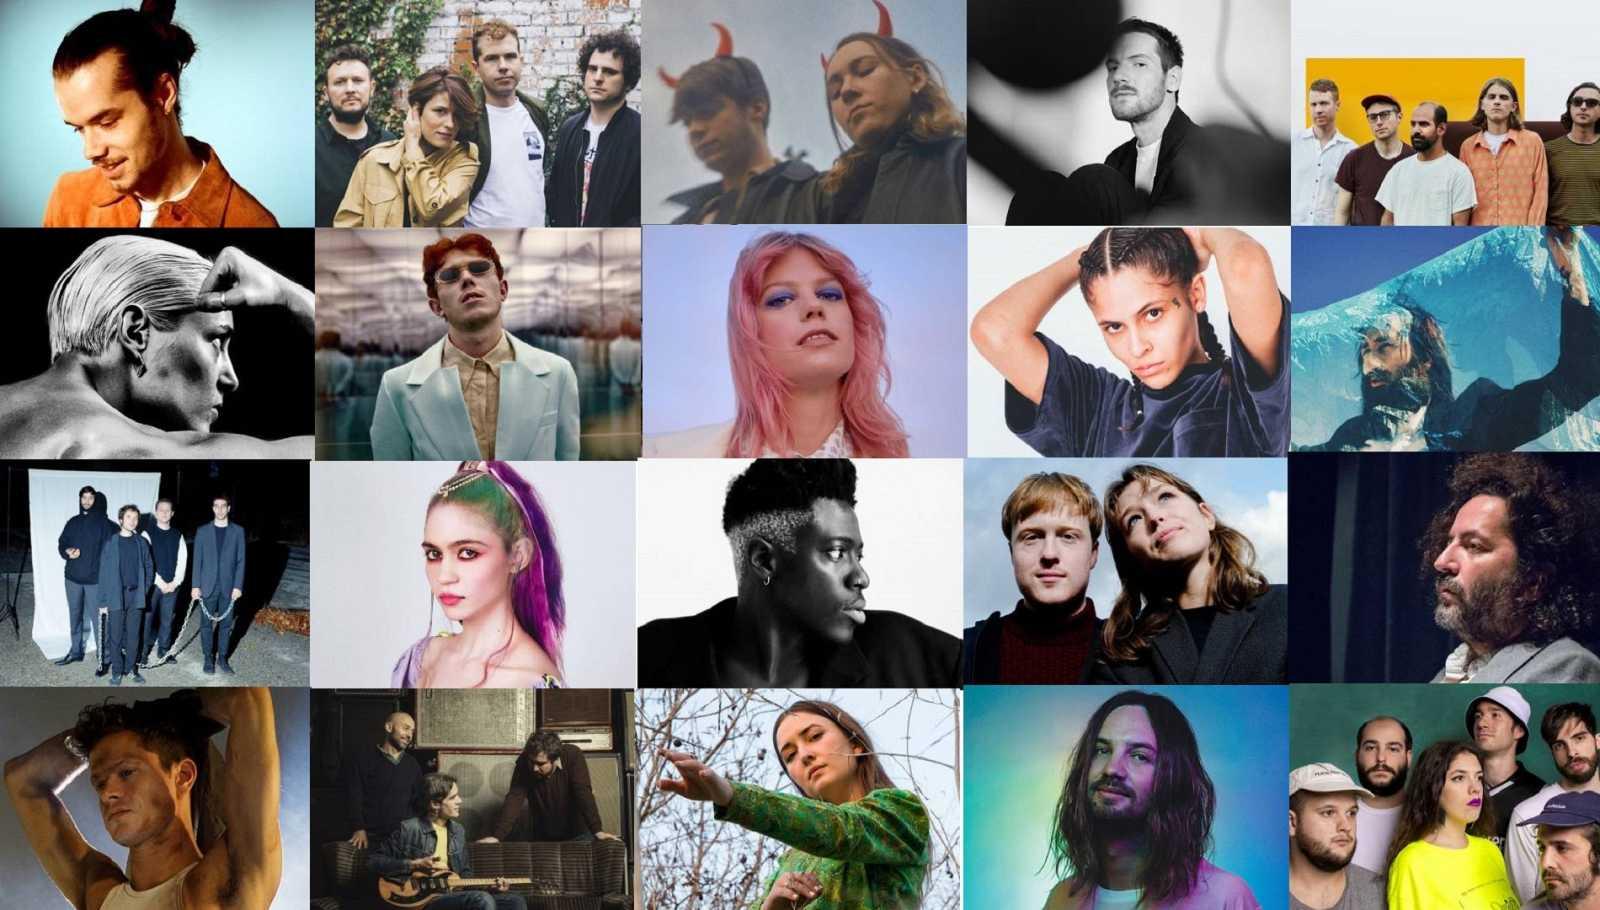 Top Gus Extra - Mejores canciones de 2020 (hasta ahora) - 30/06/20 - escuchar ahora